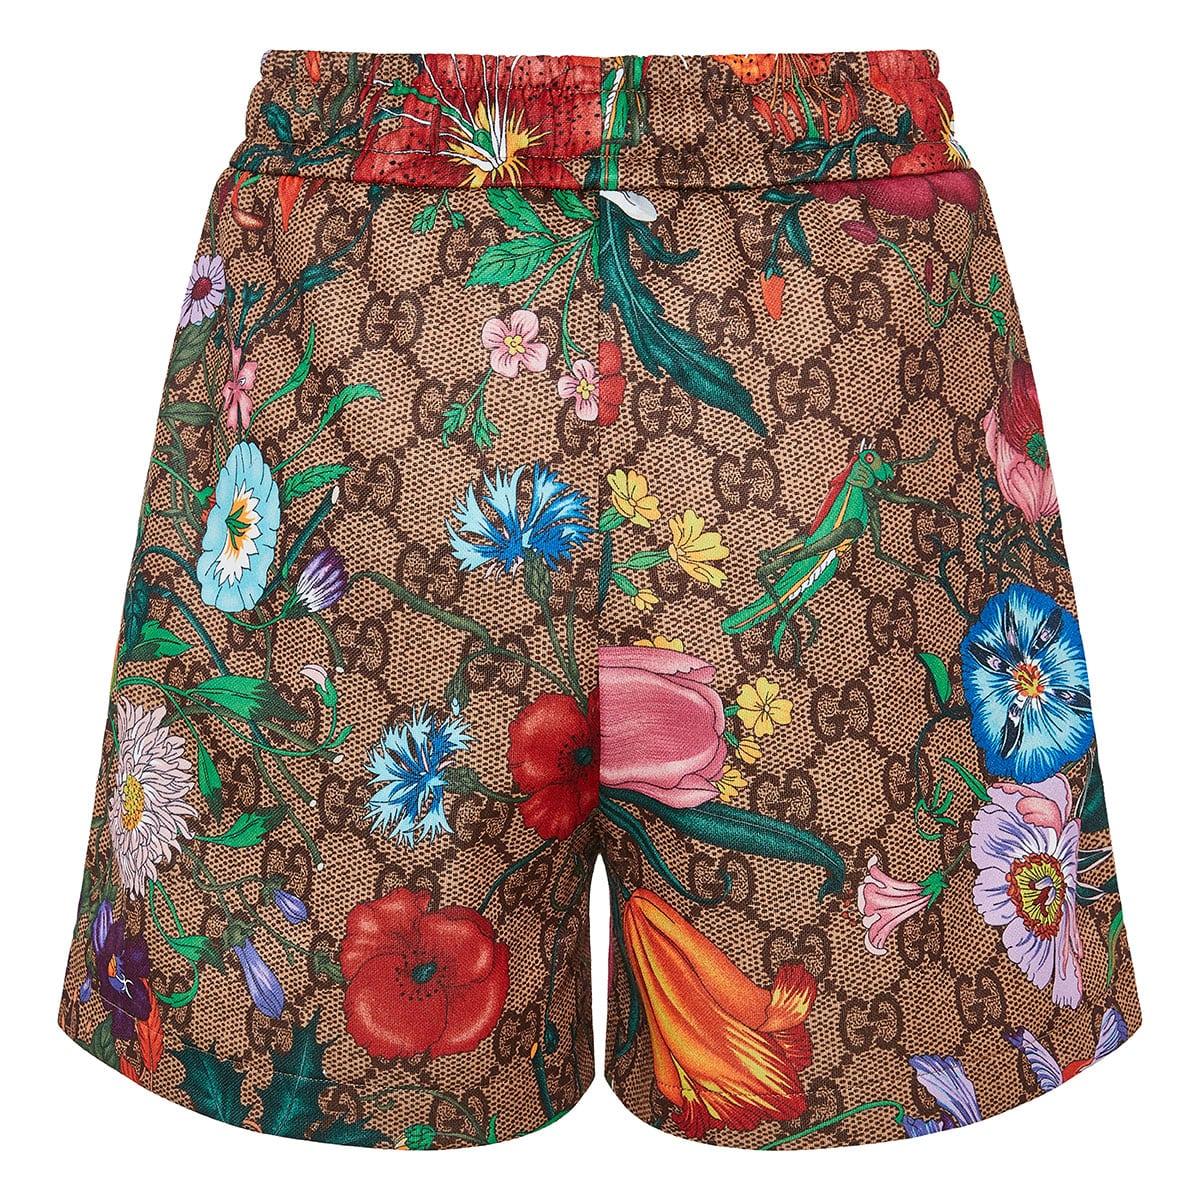 GG Flora printed shorts